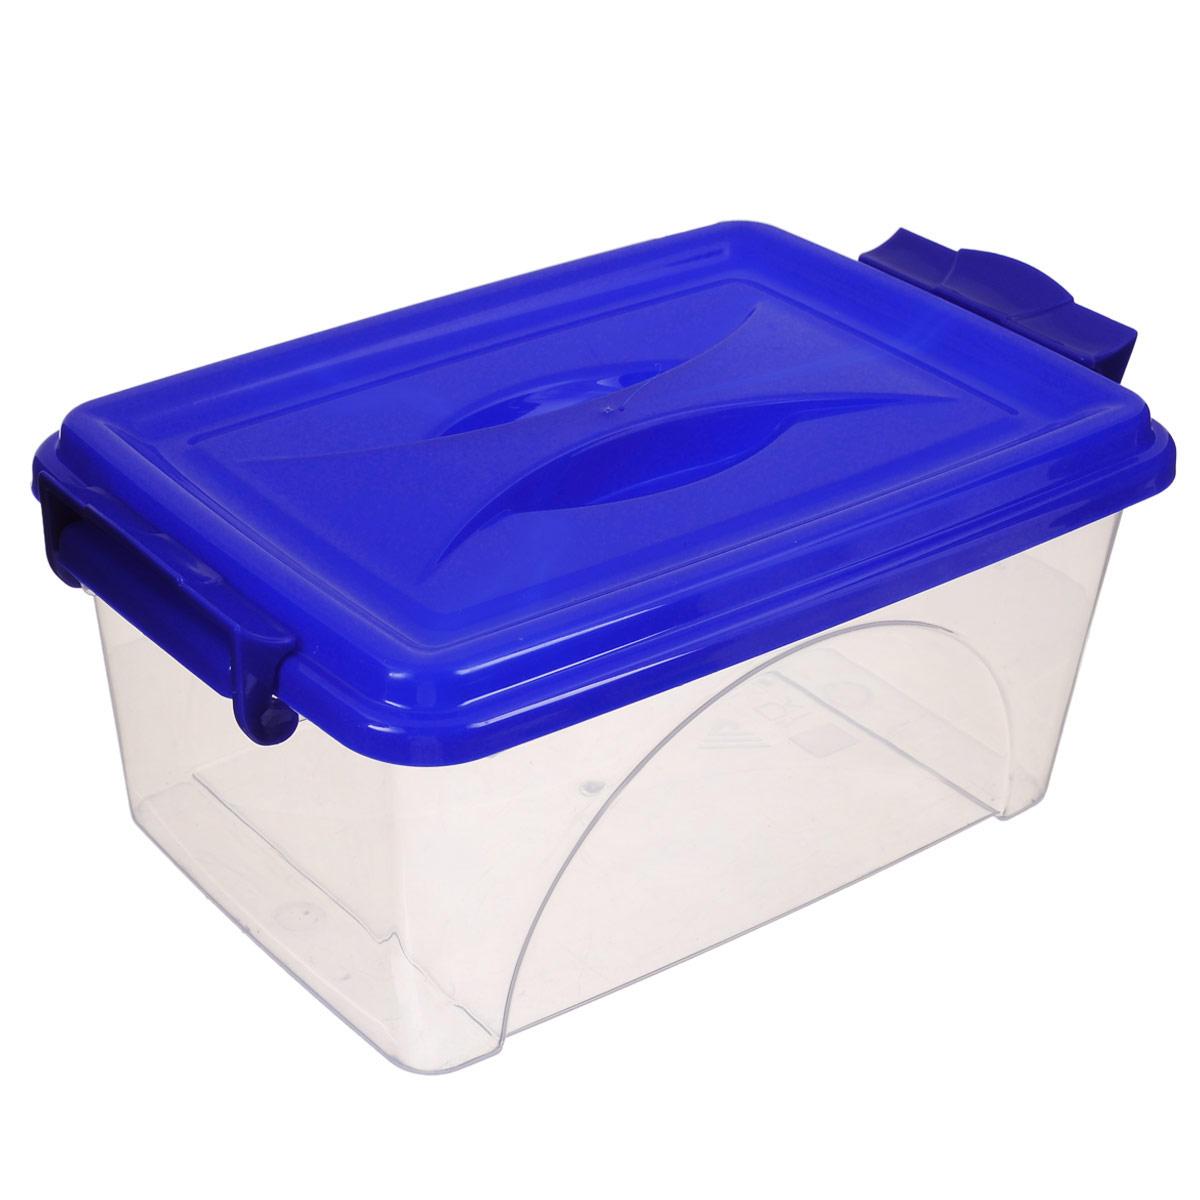 Контейнер Альтернатива, цвет: синий, 30,5 х 20 х 13,5 смRG-D31SКонтейнер Альтернатива выполнен из прочного пластика. Он предназначен для хранения различных мелких вещей. Крышка легко открывается и плотно закрывается. Прозрачные стенки позволяют видеть содержимое. По бокам предусмотрены две удобные ручки, с помощью которых контейнер закрывается.Контейнер поможет хранить все в одном месте, а также защитить вещи от пыли, грязи и влаги.